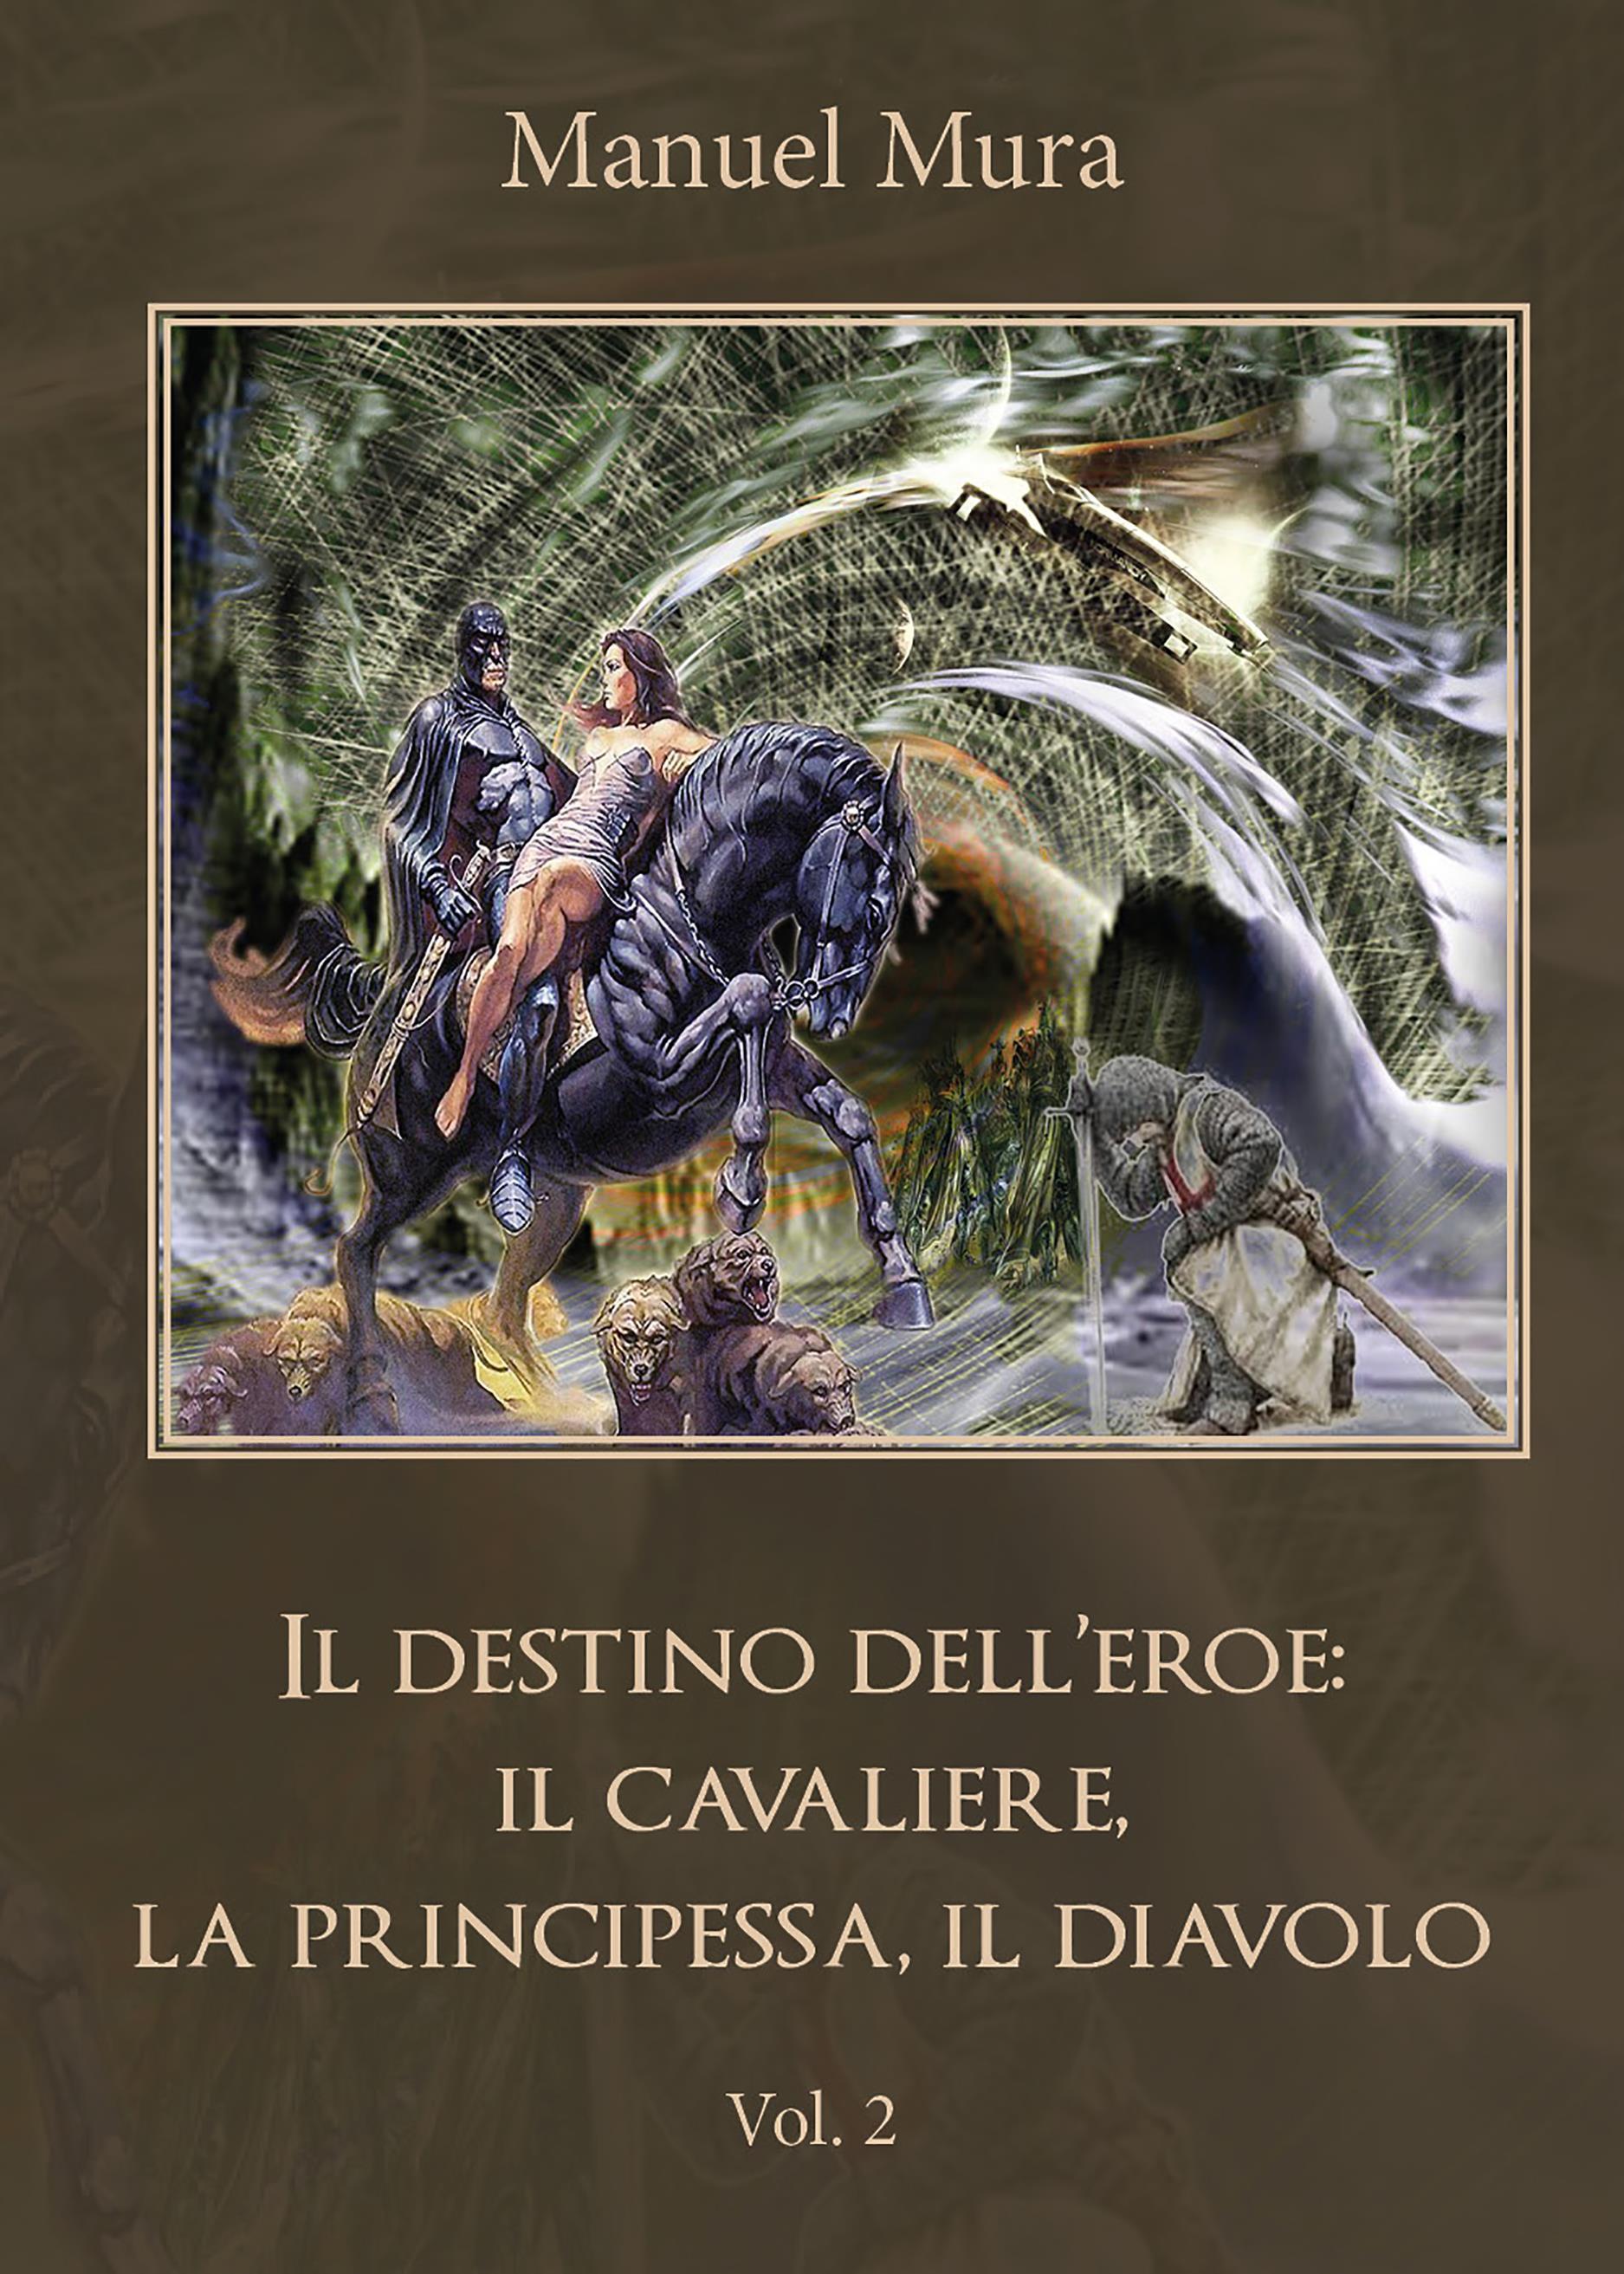 Il destino dell'eroe: il cavaliere, la principessa, il diavolo. Vol. 2